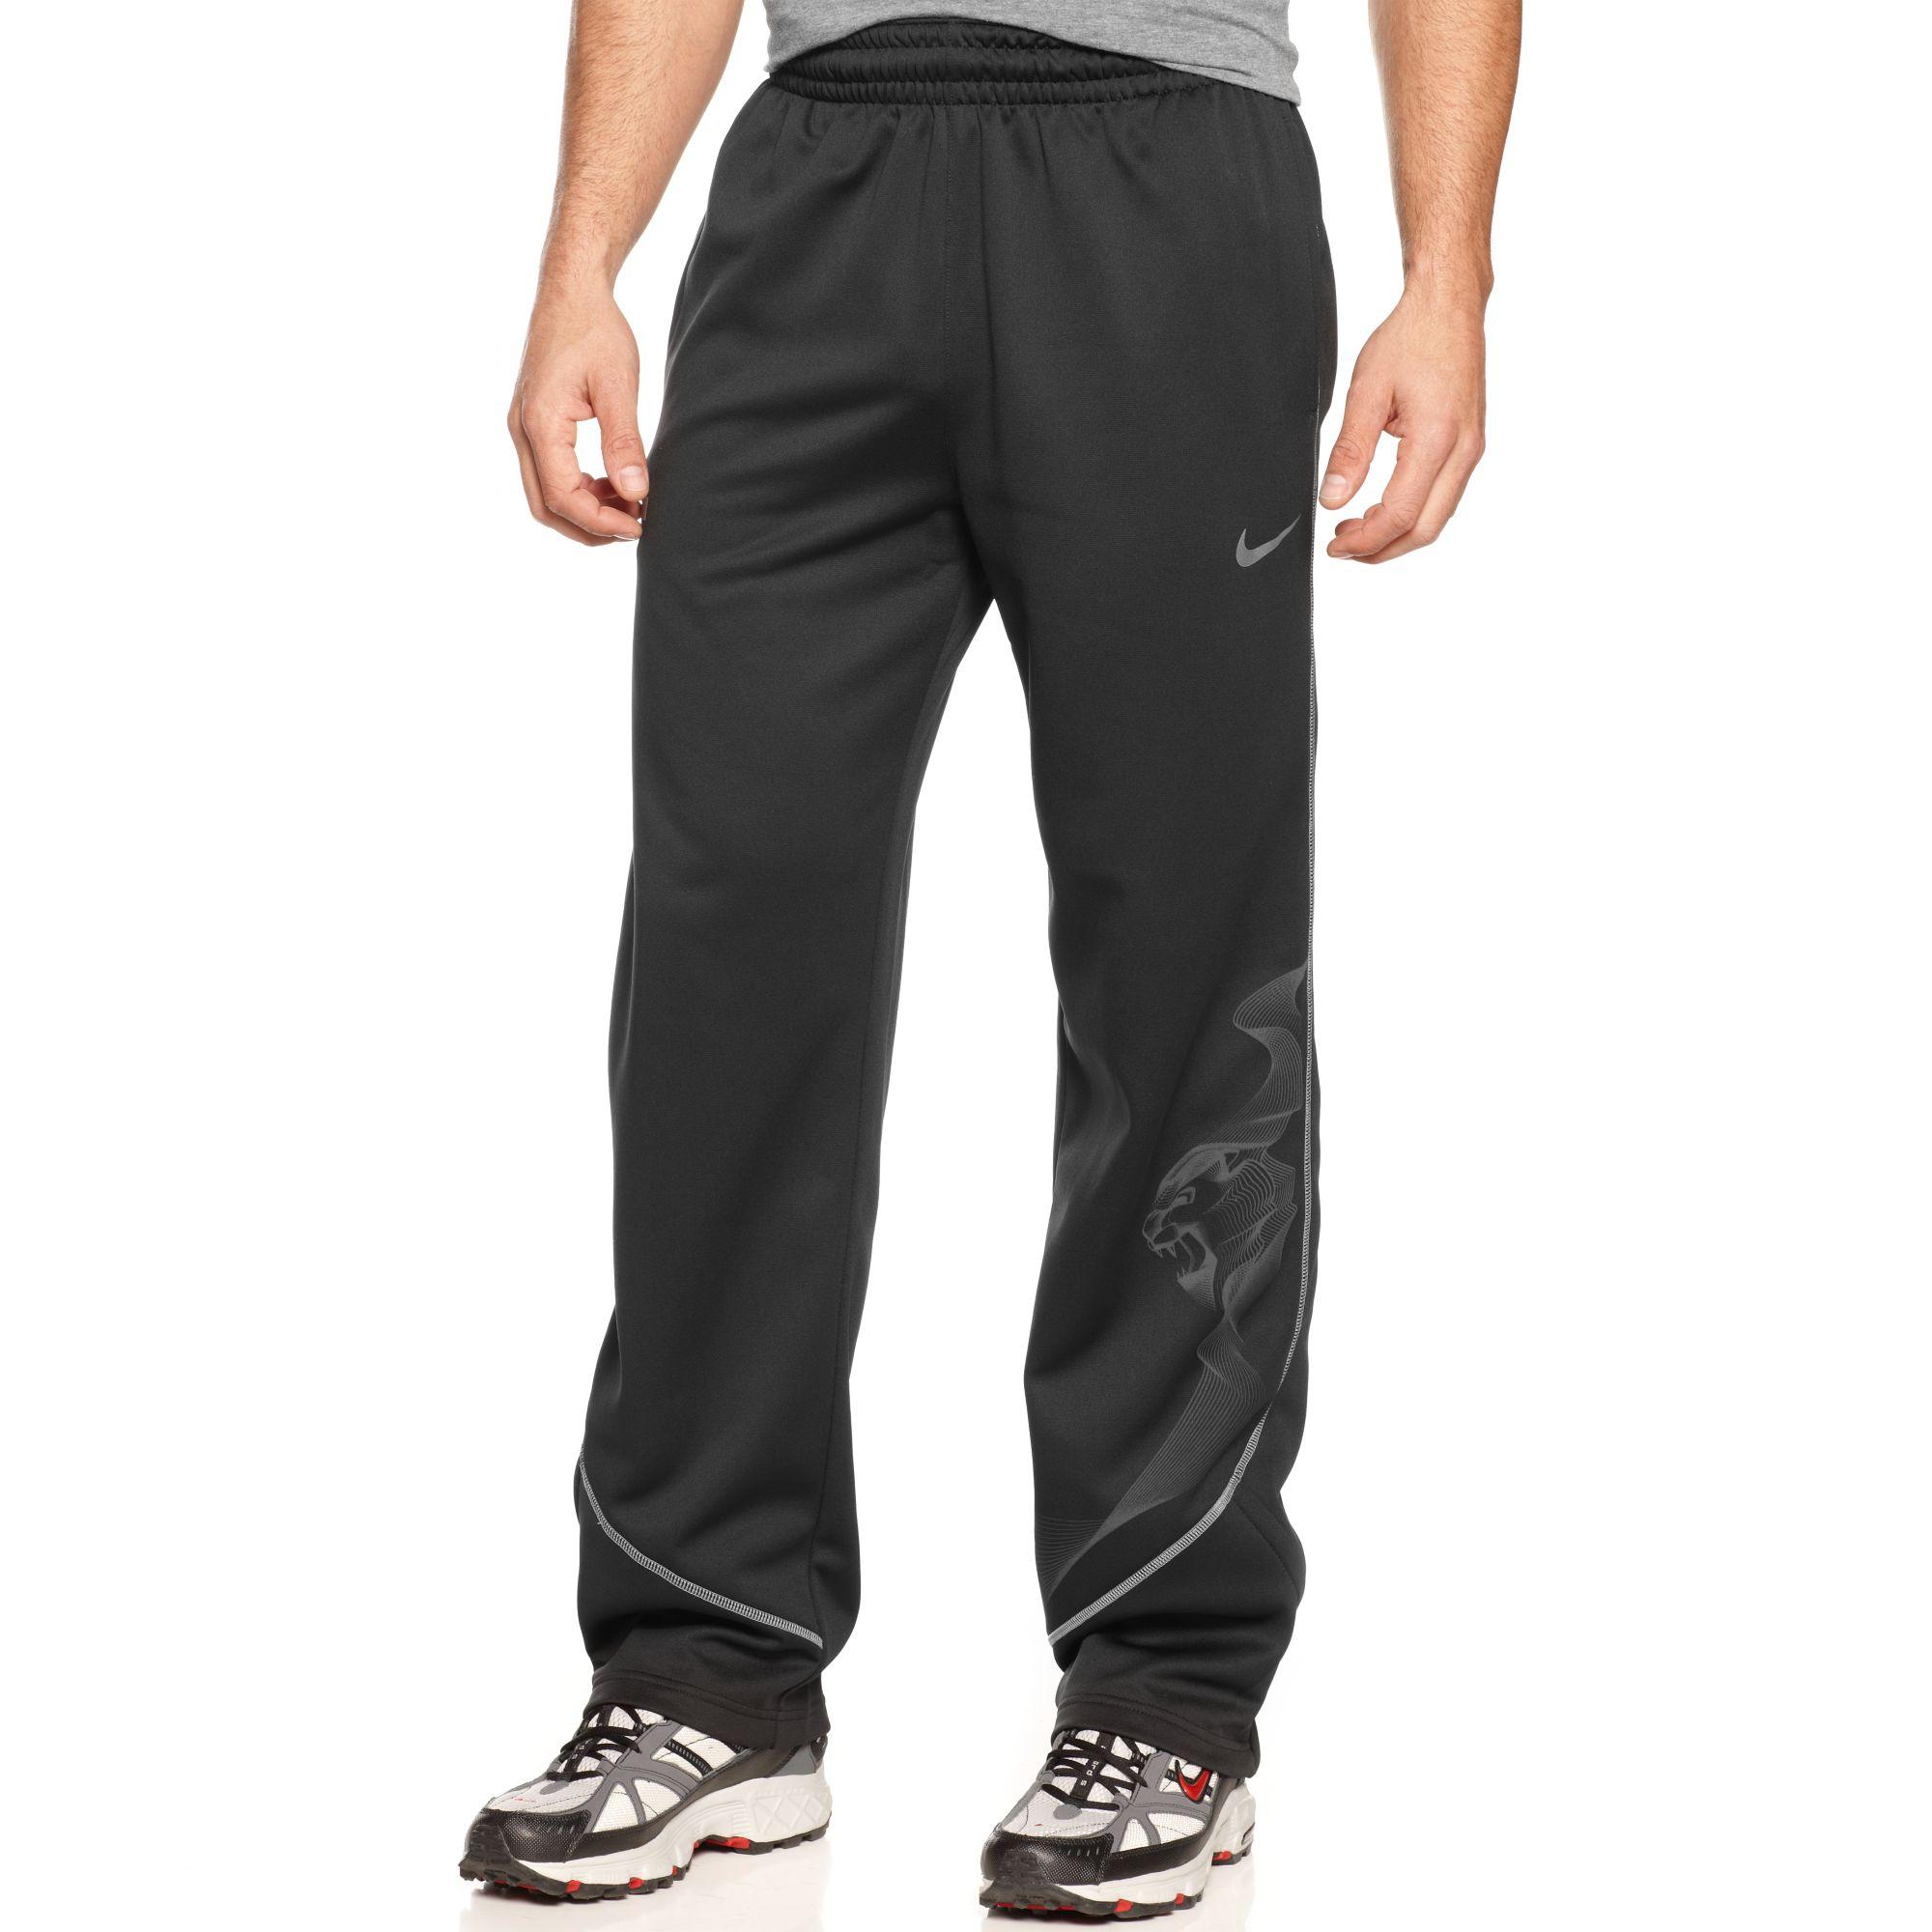 Nike Lebron Opposition Hero Basketball Pants in Black for ...